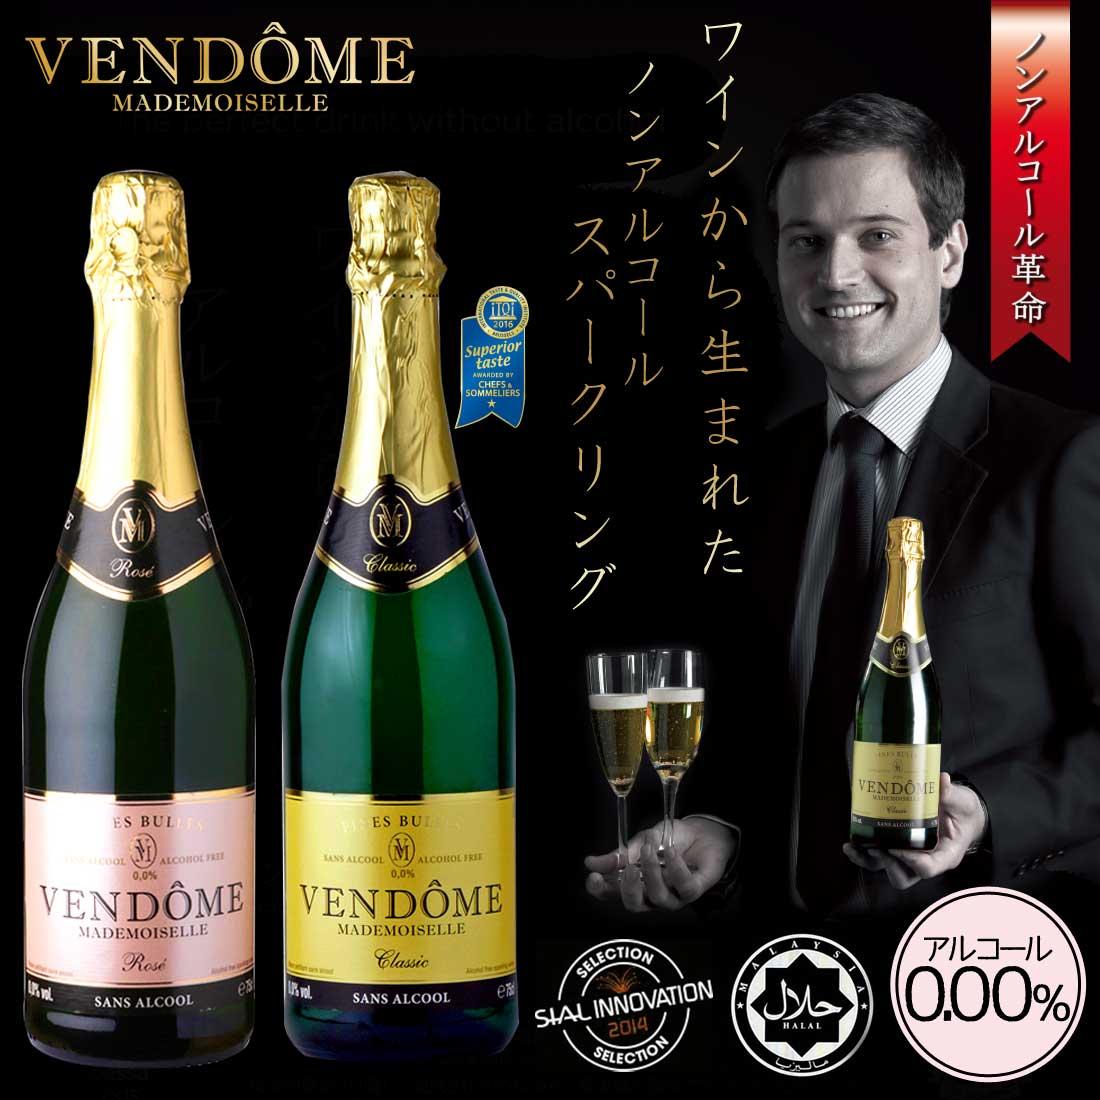 【あす楽】【ノンアルコール・スパークリング飲料】【VENDOME CLASSIC /VENDOME Rosé 】ヴァンドーム・クラシック/ロゼ<2種類>(750ml)<辛口>